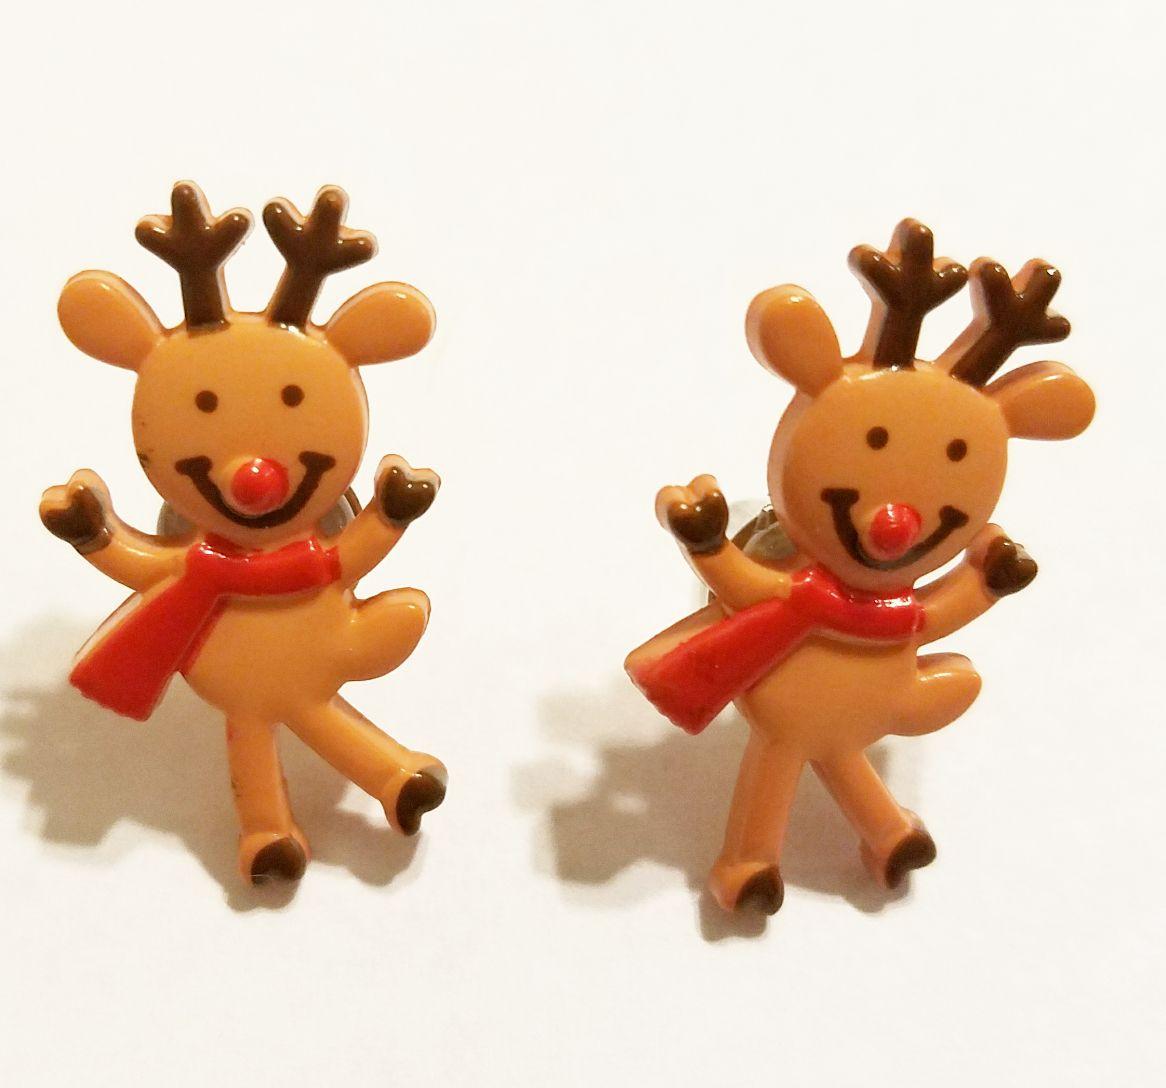 kriszcreations reindeer earrings jewelry winter